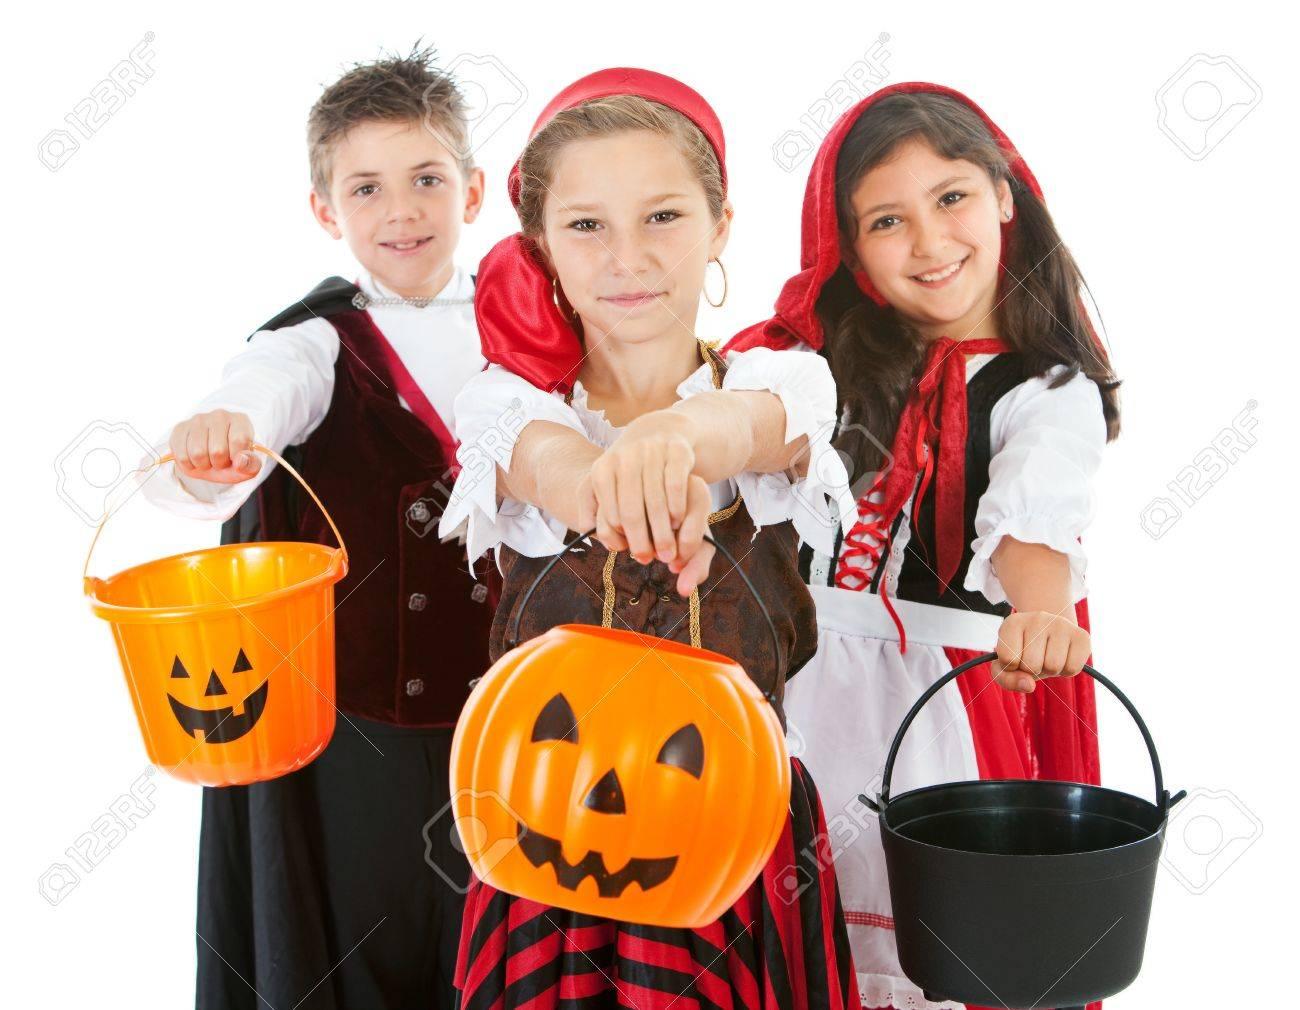 Kinderen Halloween.Halloween Serie Met Schattige Kinderen Verkleed Als Dracula Een Piraat En Roodkapje Geisoleerd Op Wit